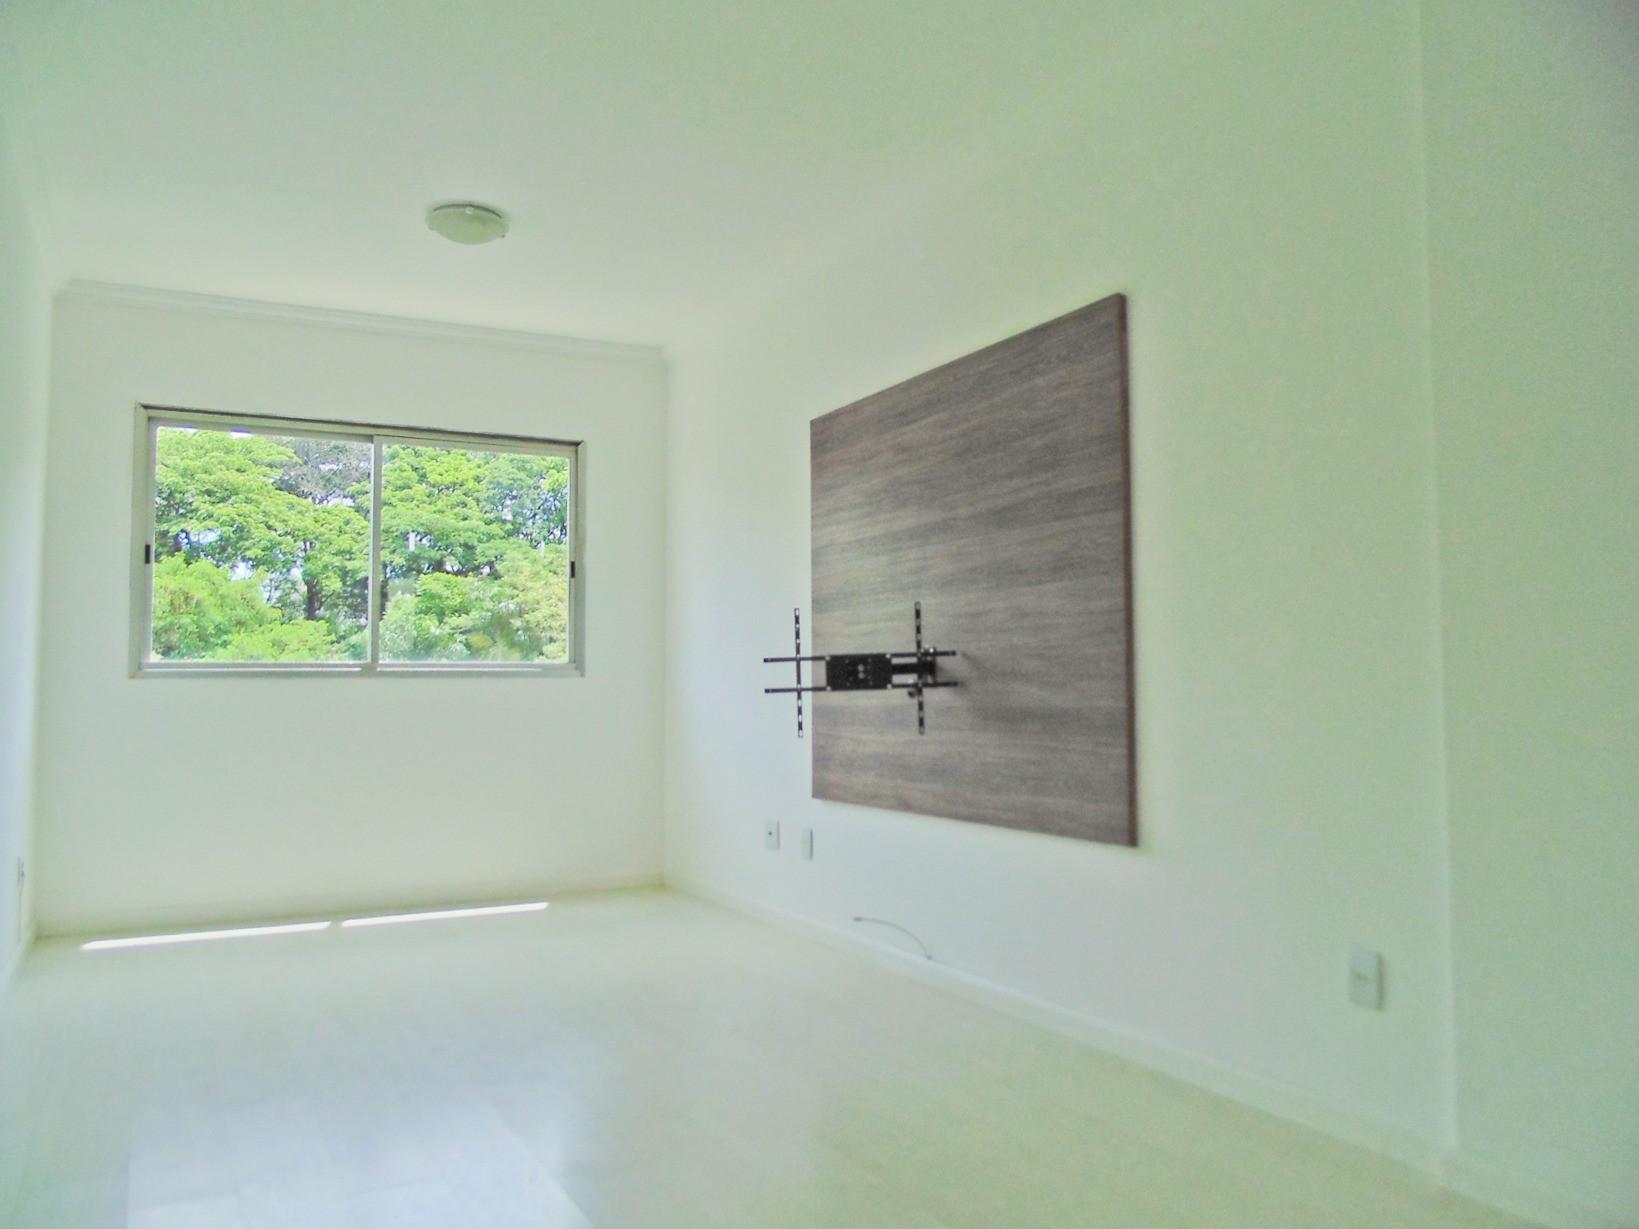 Apartamento de 1 dormitório à venda em Jardim Paraiso, Campinas - SP